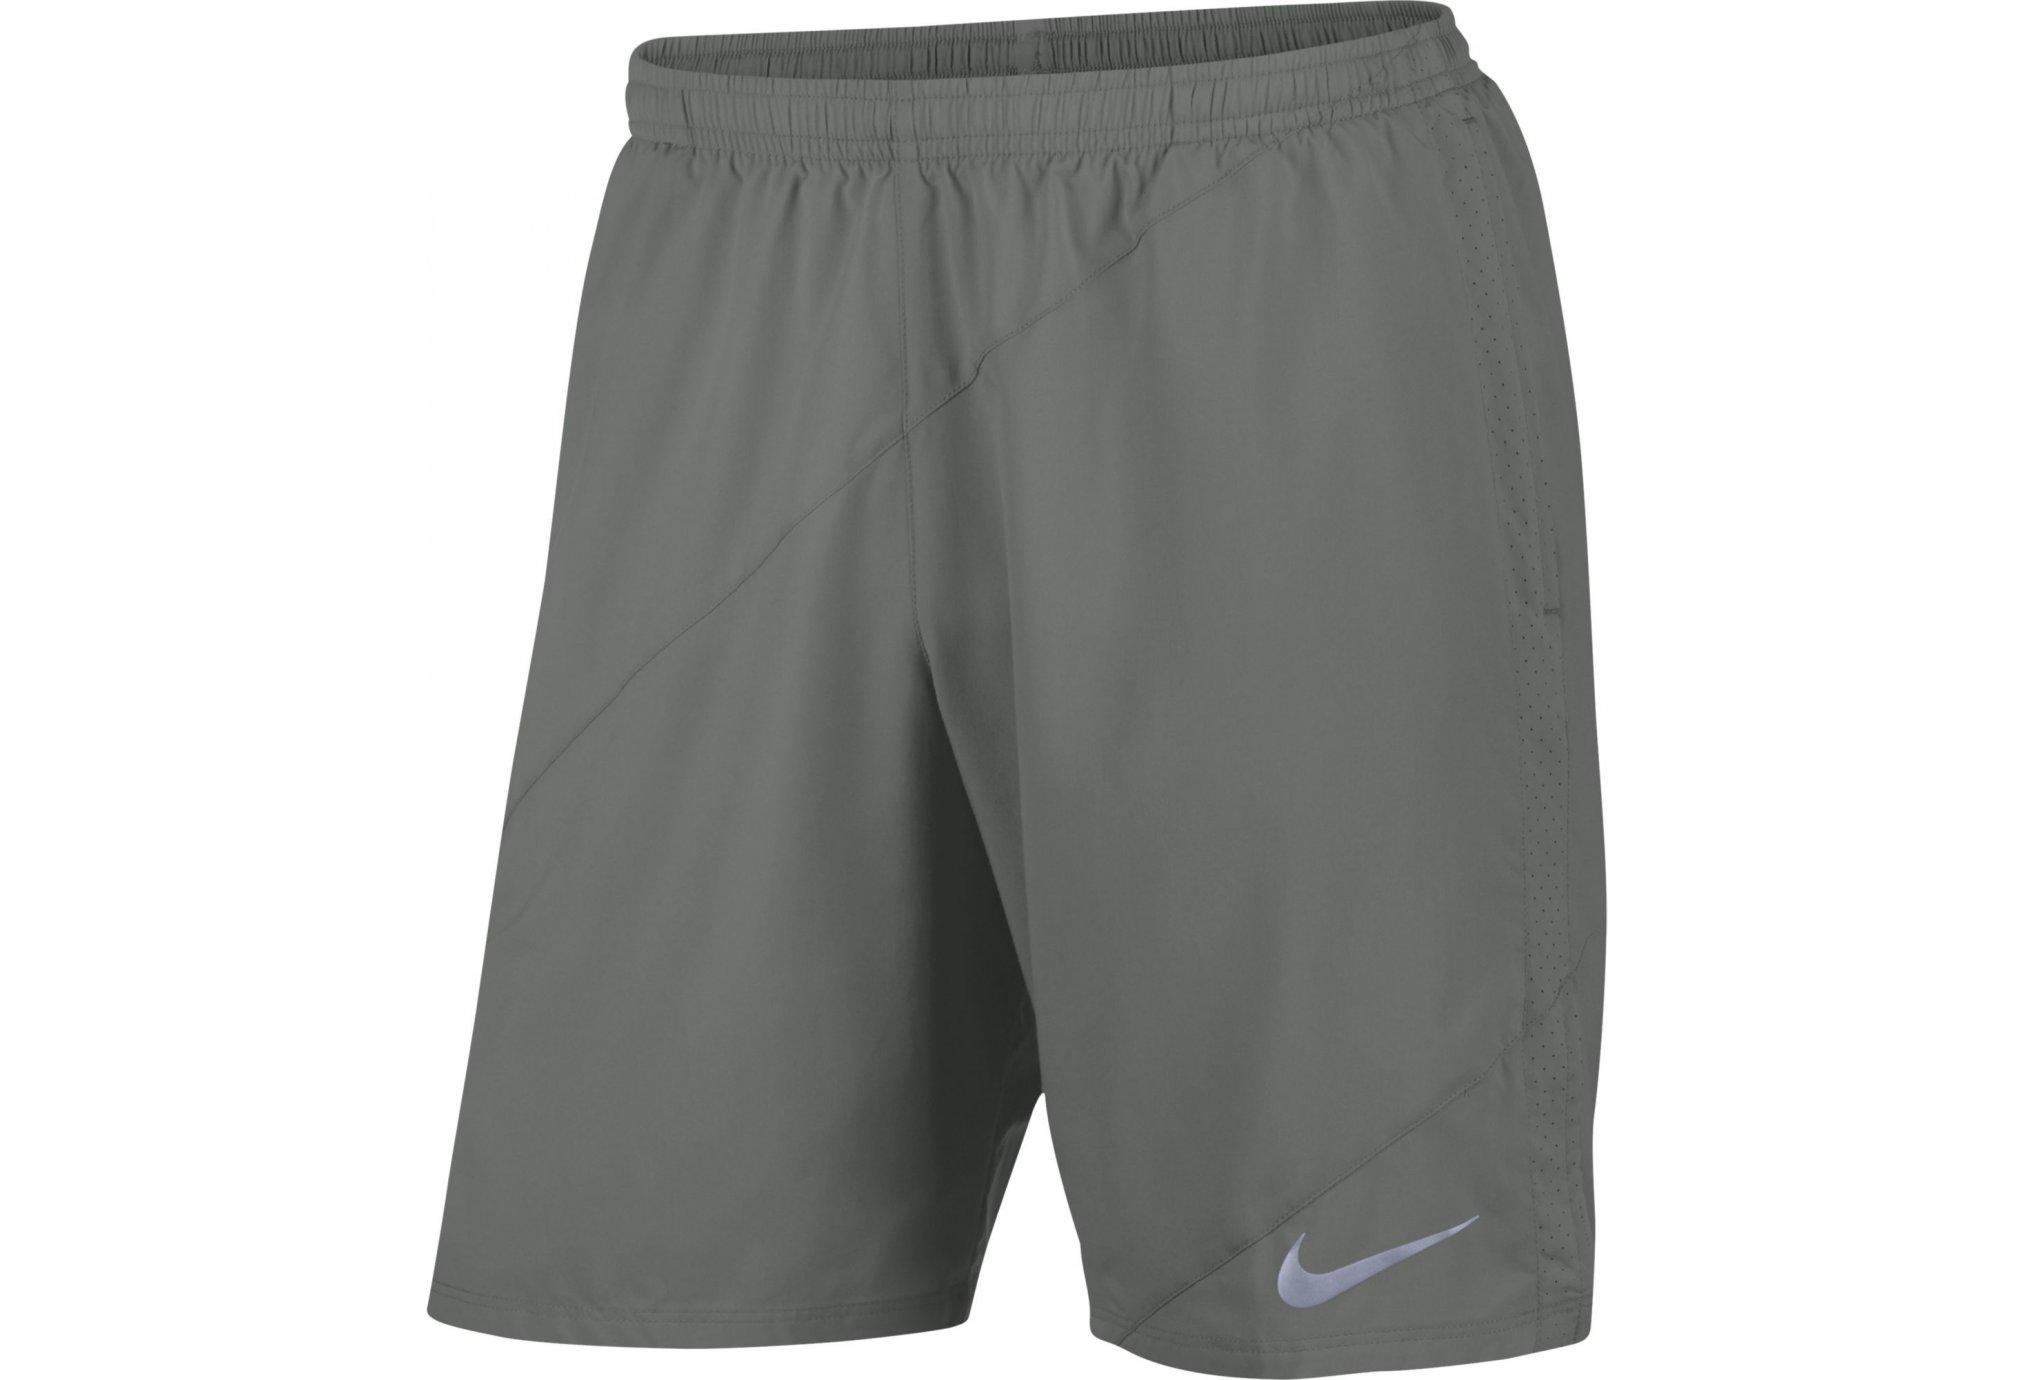 Nike Short Flex Distance 23cm M vêtement running homme